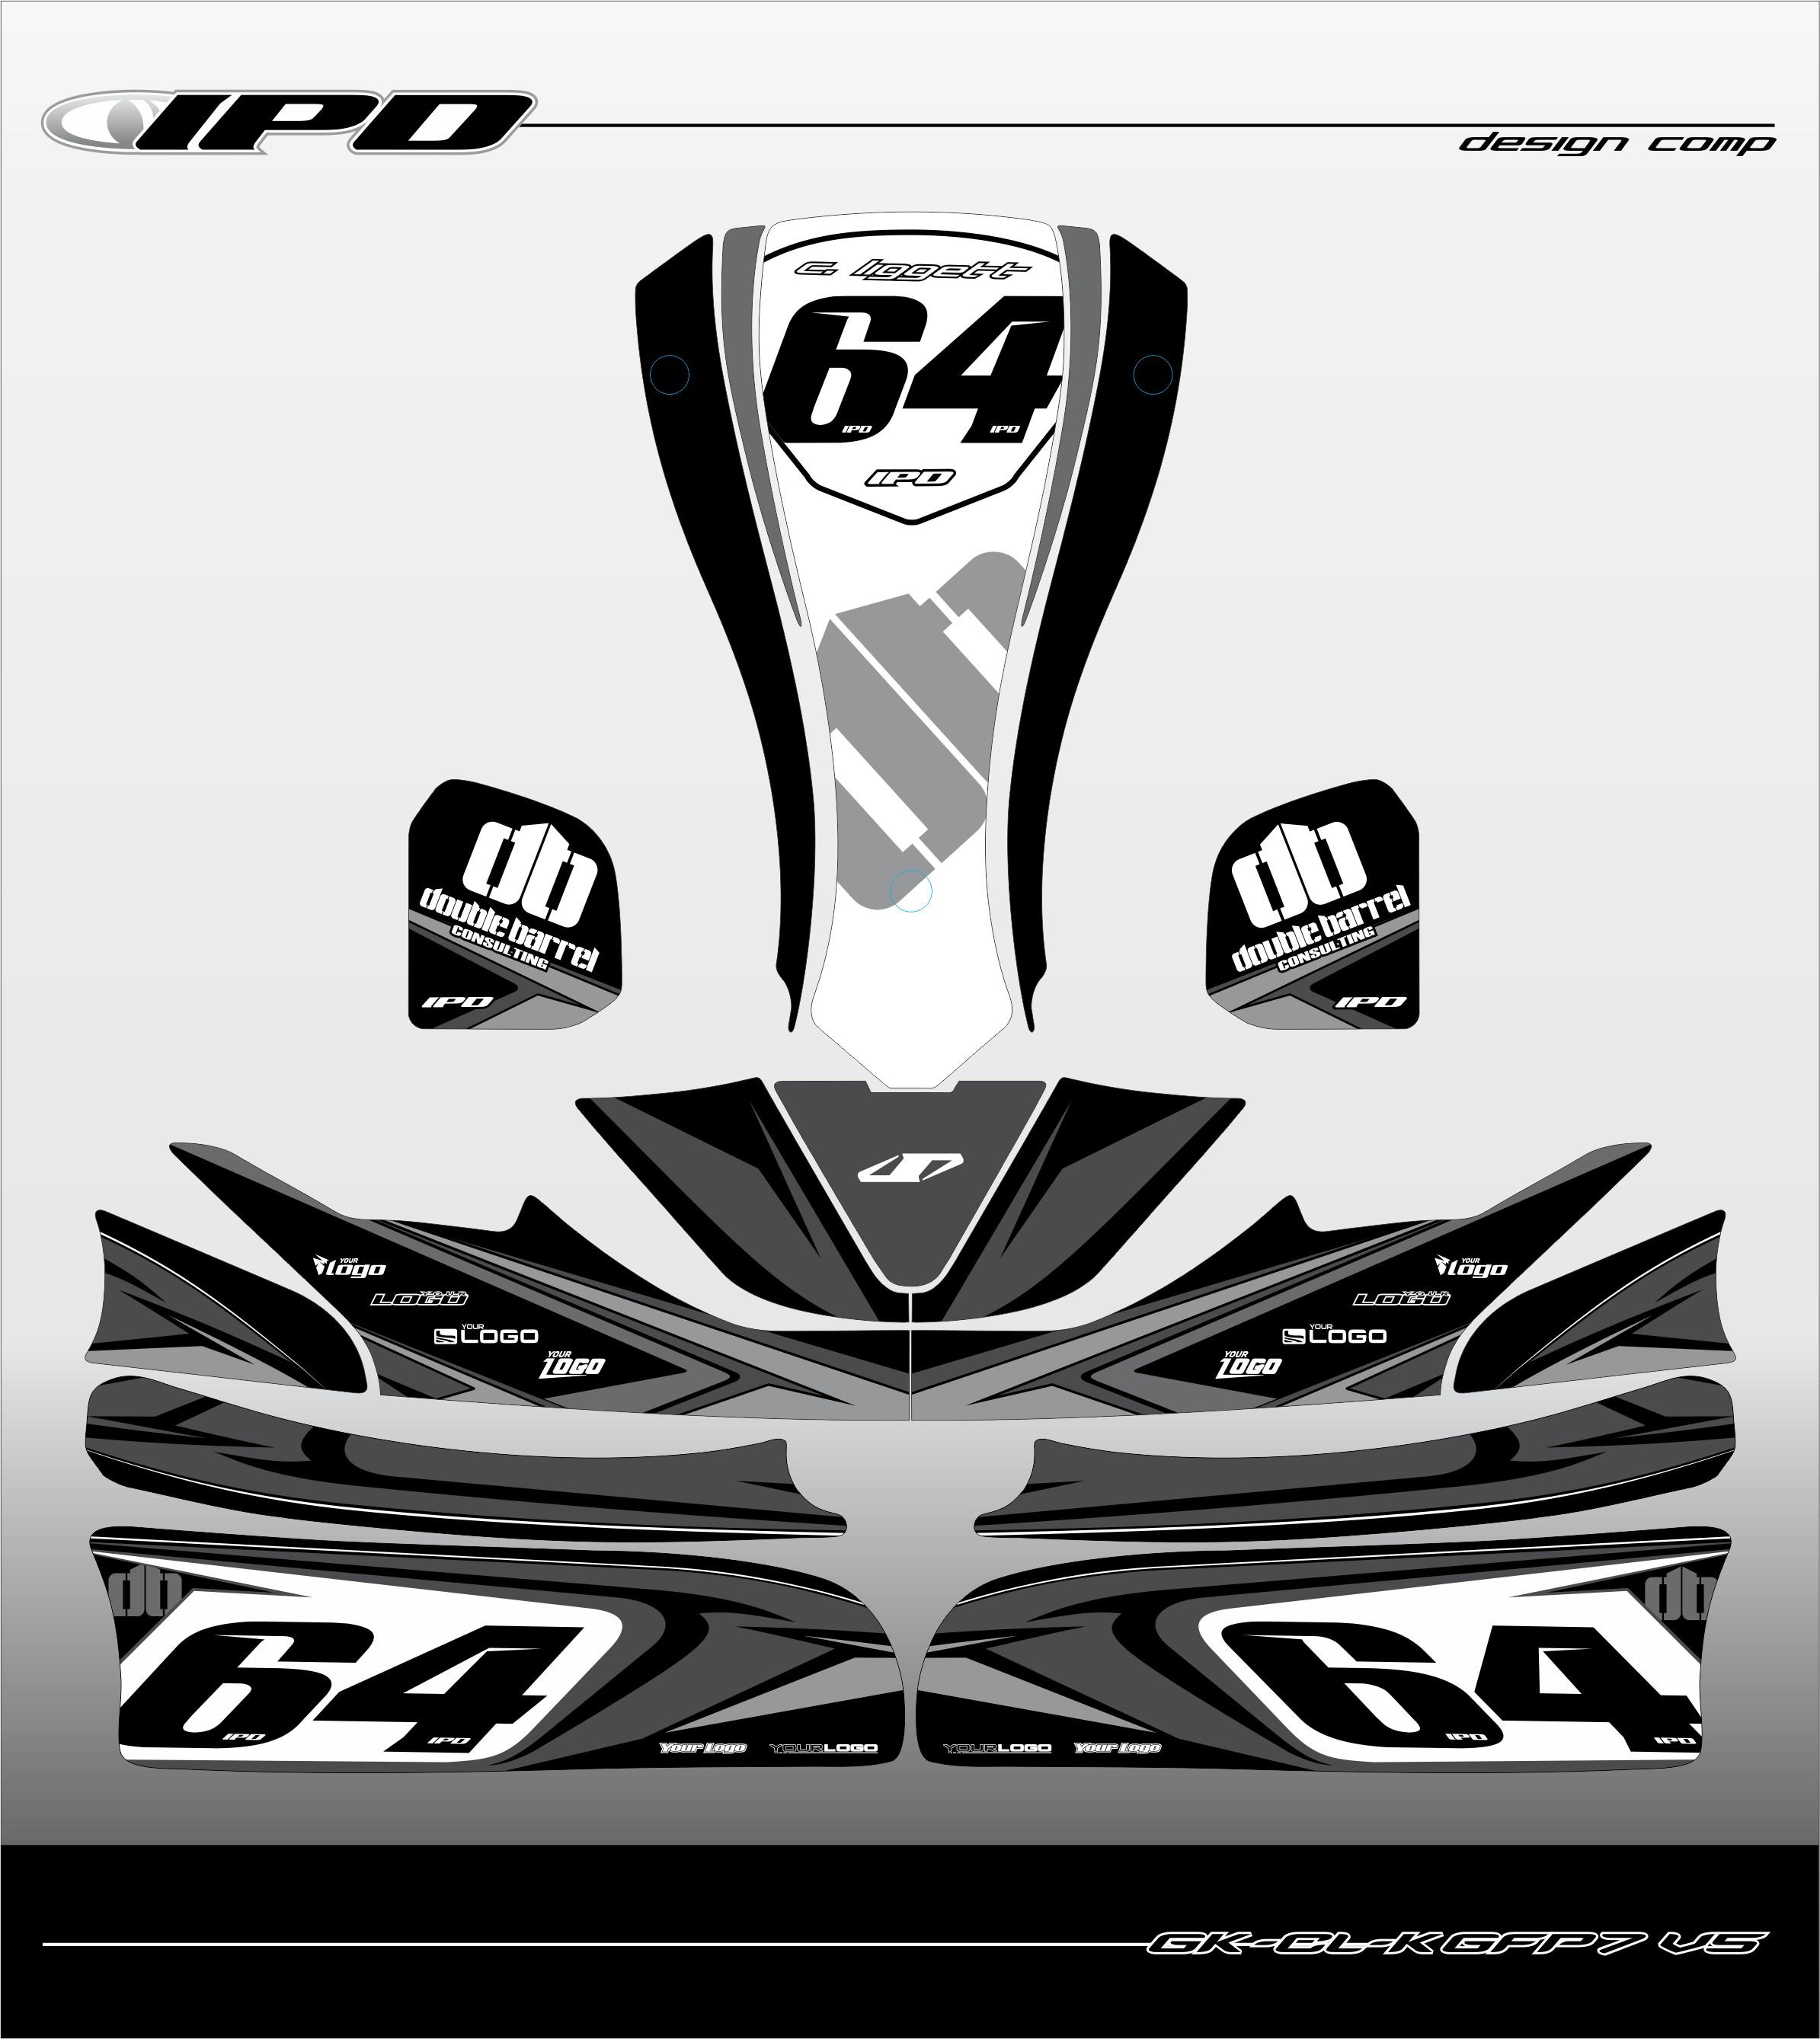 GK-CL-KGFP7 (CL Design V5)